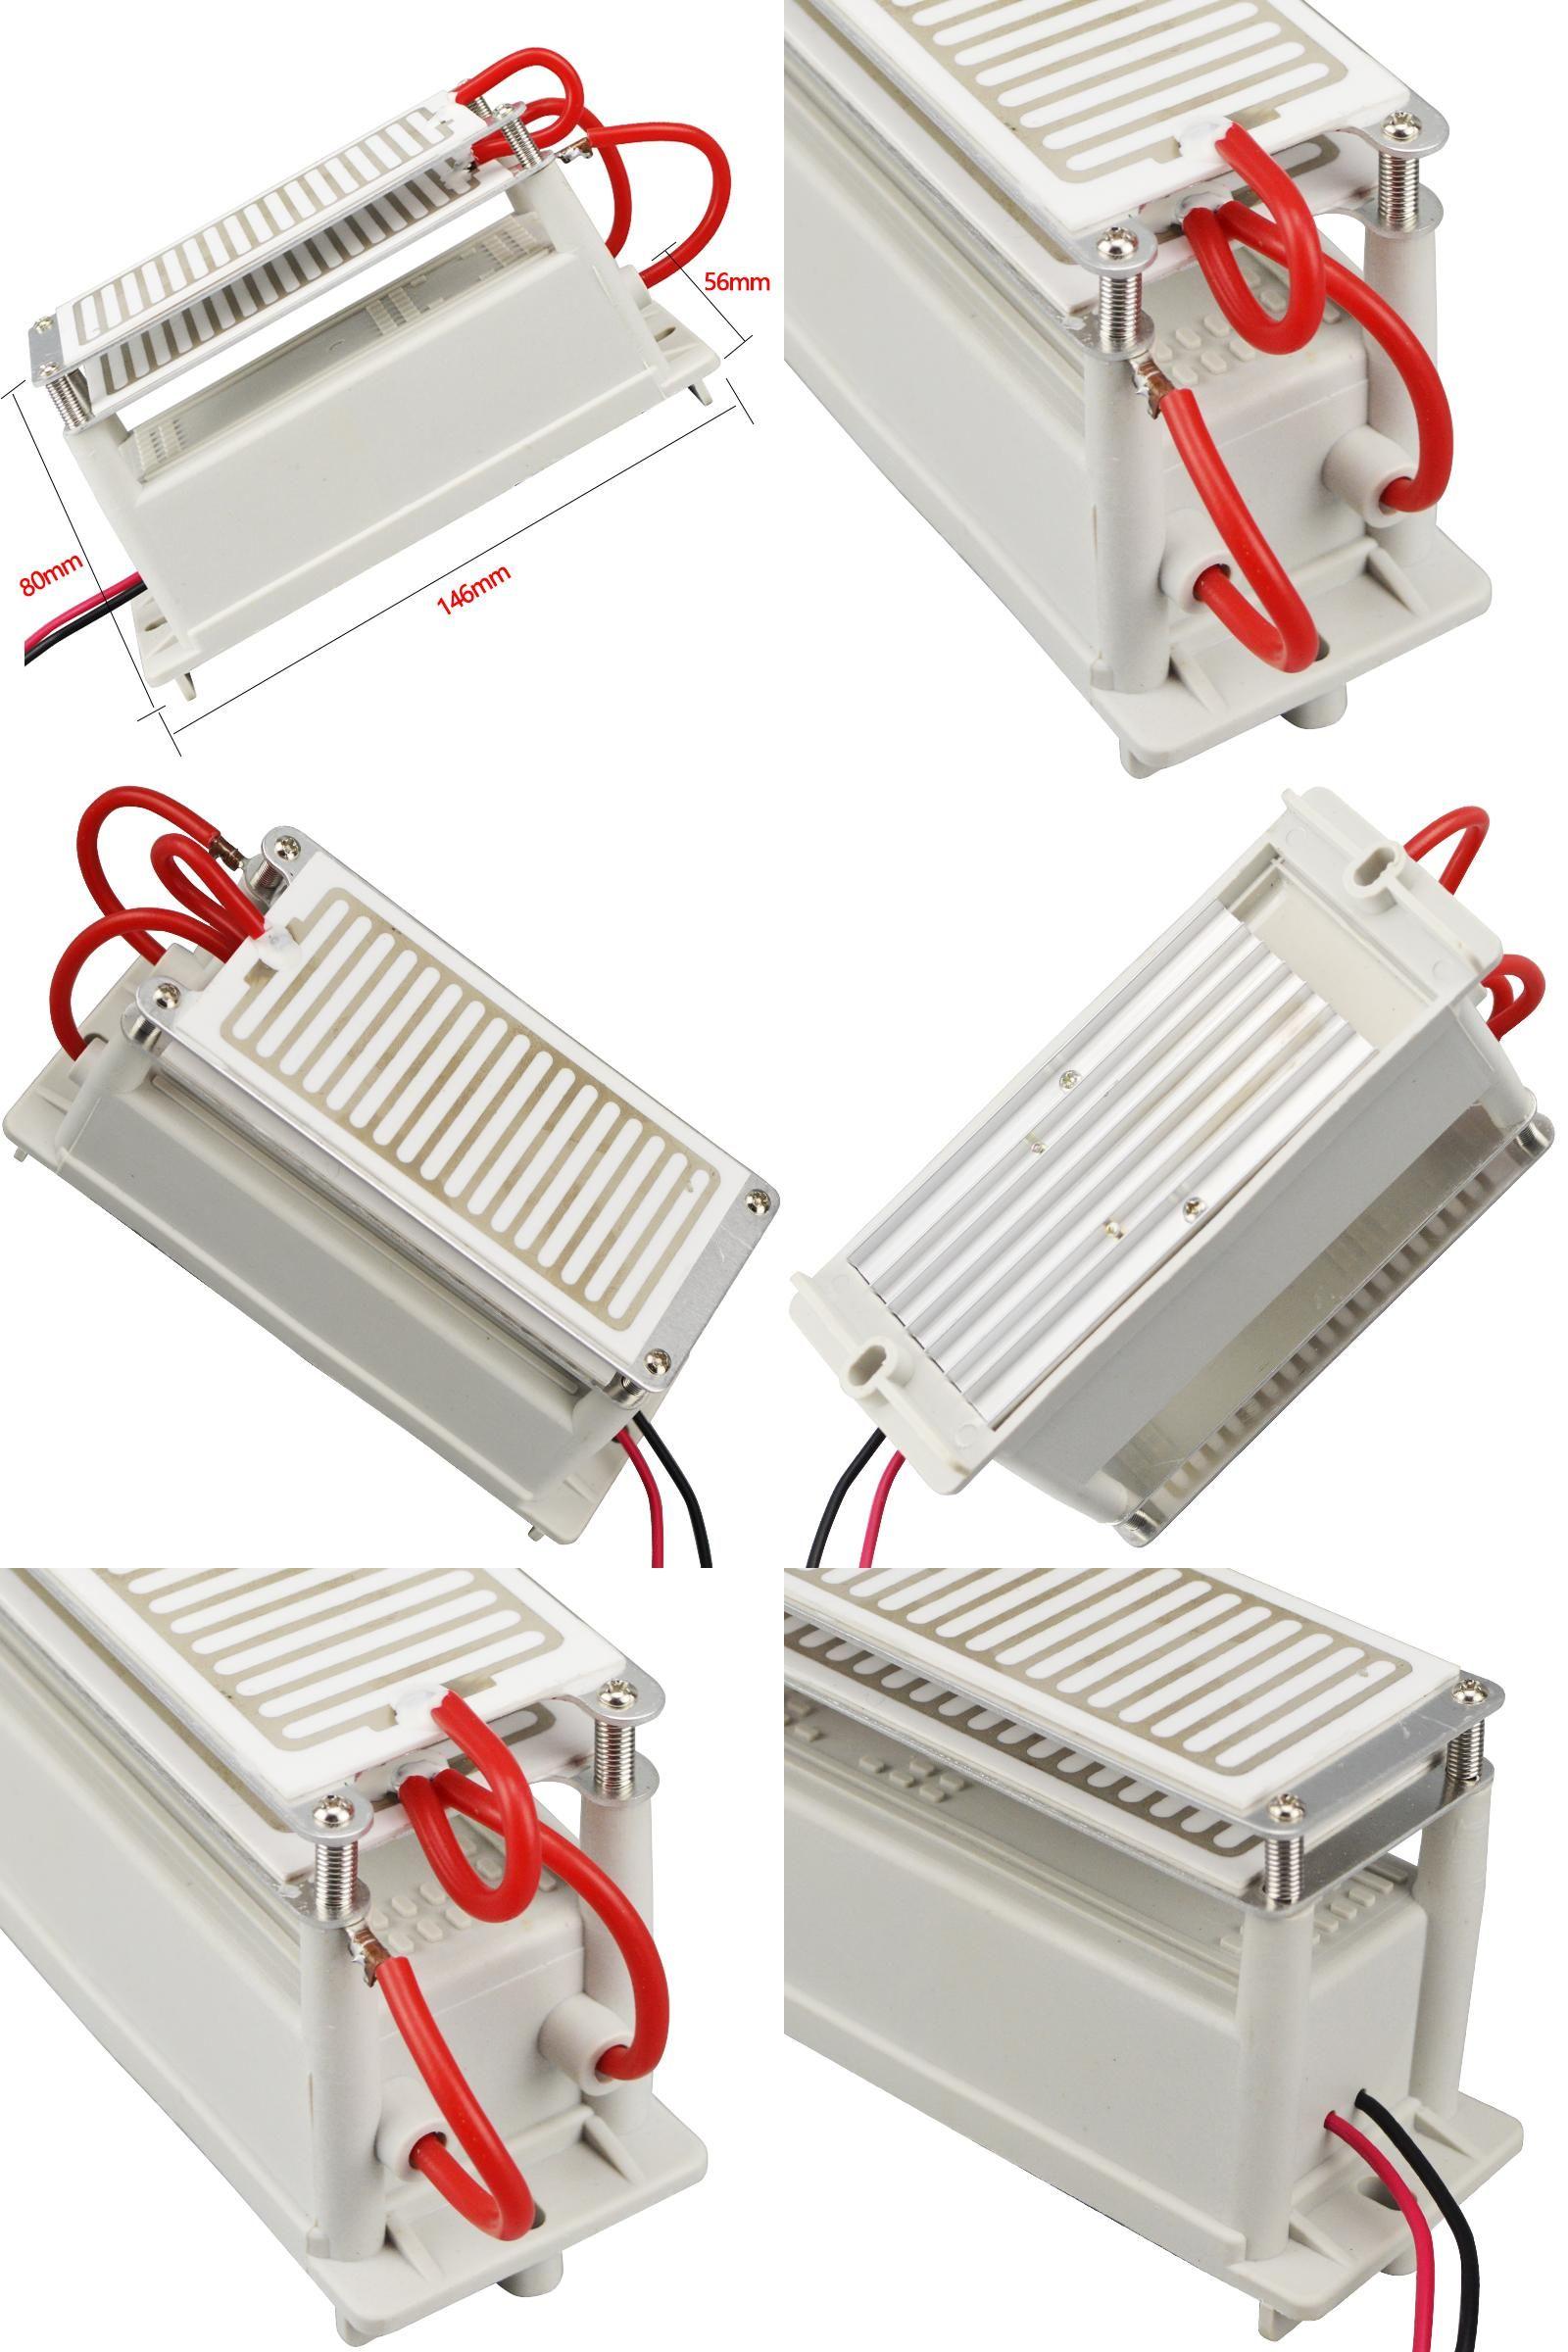 [Visit to Buy] Portable Ozone Generator 220V/110V 10g